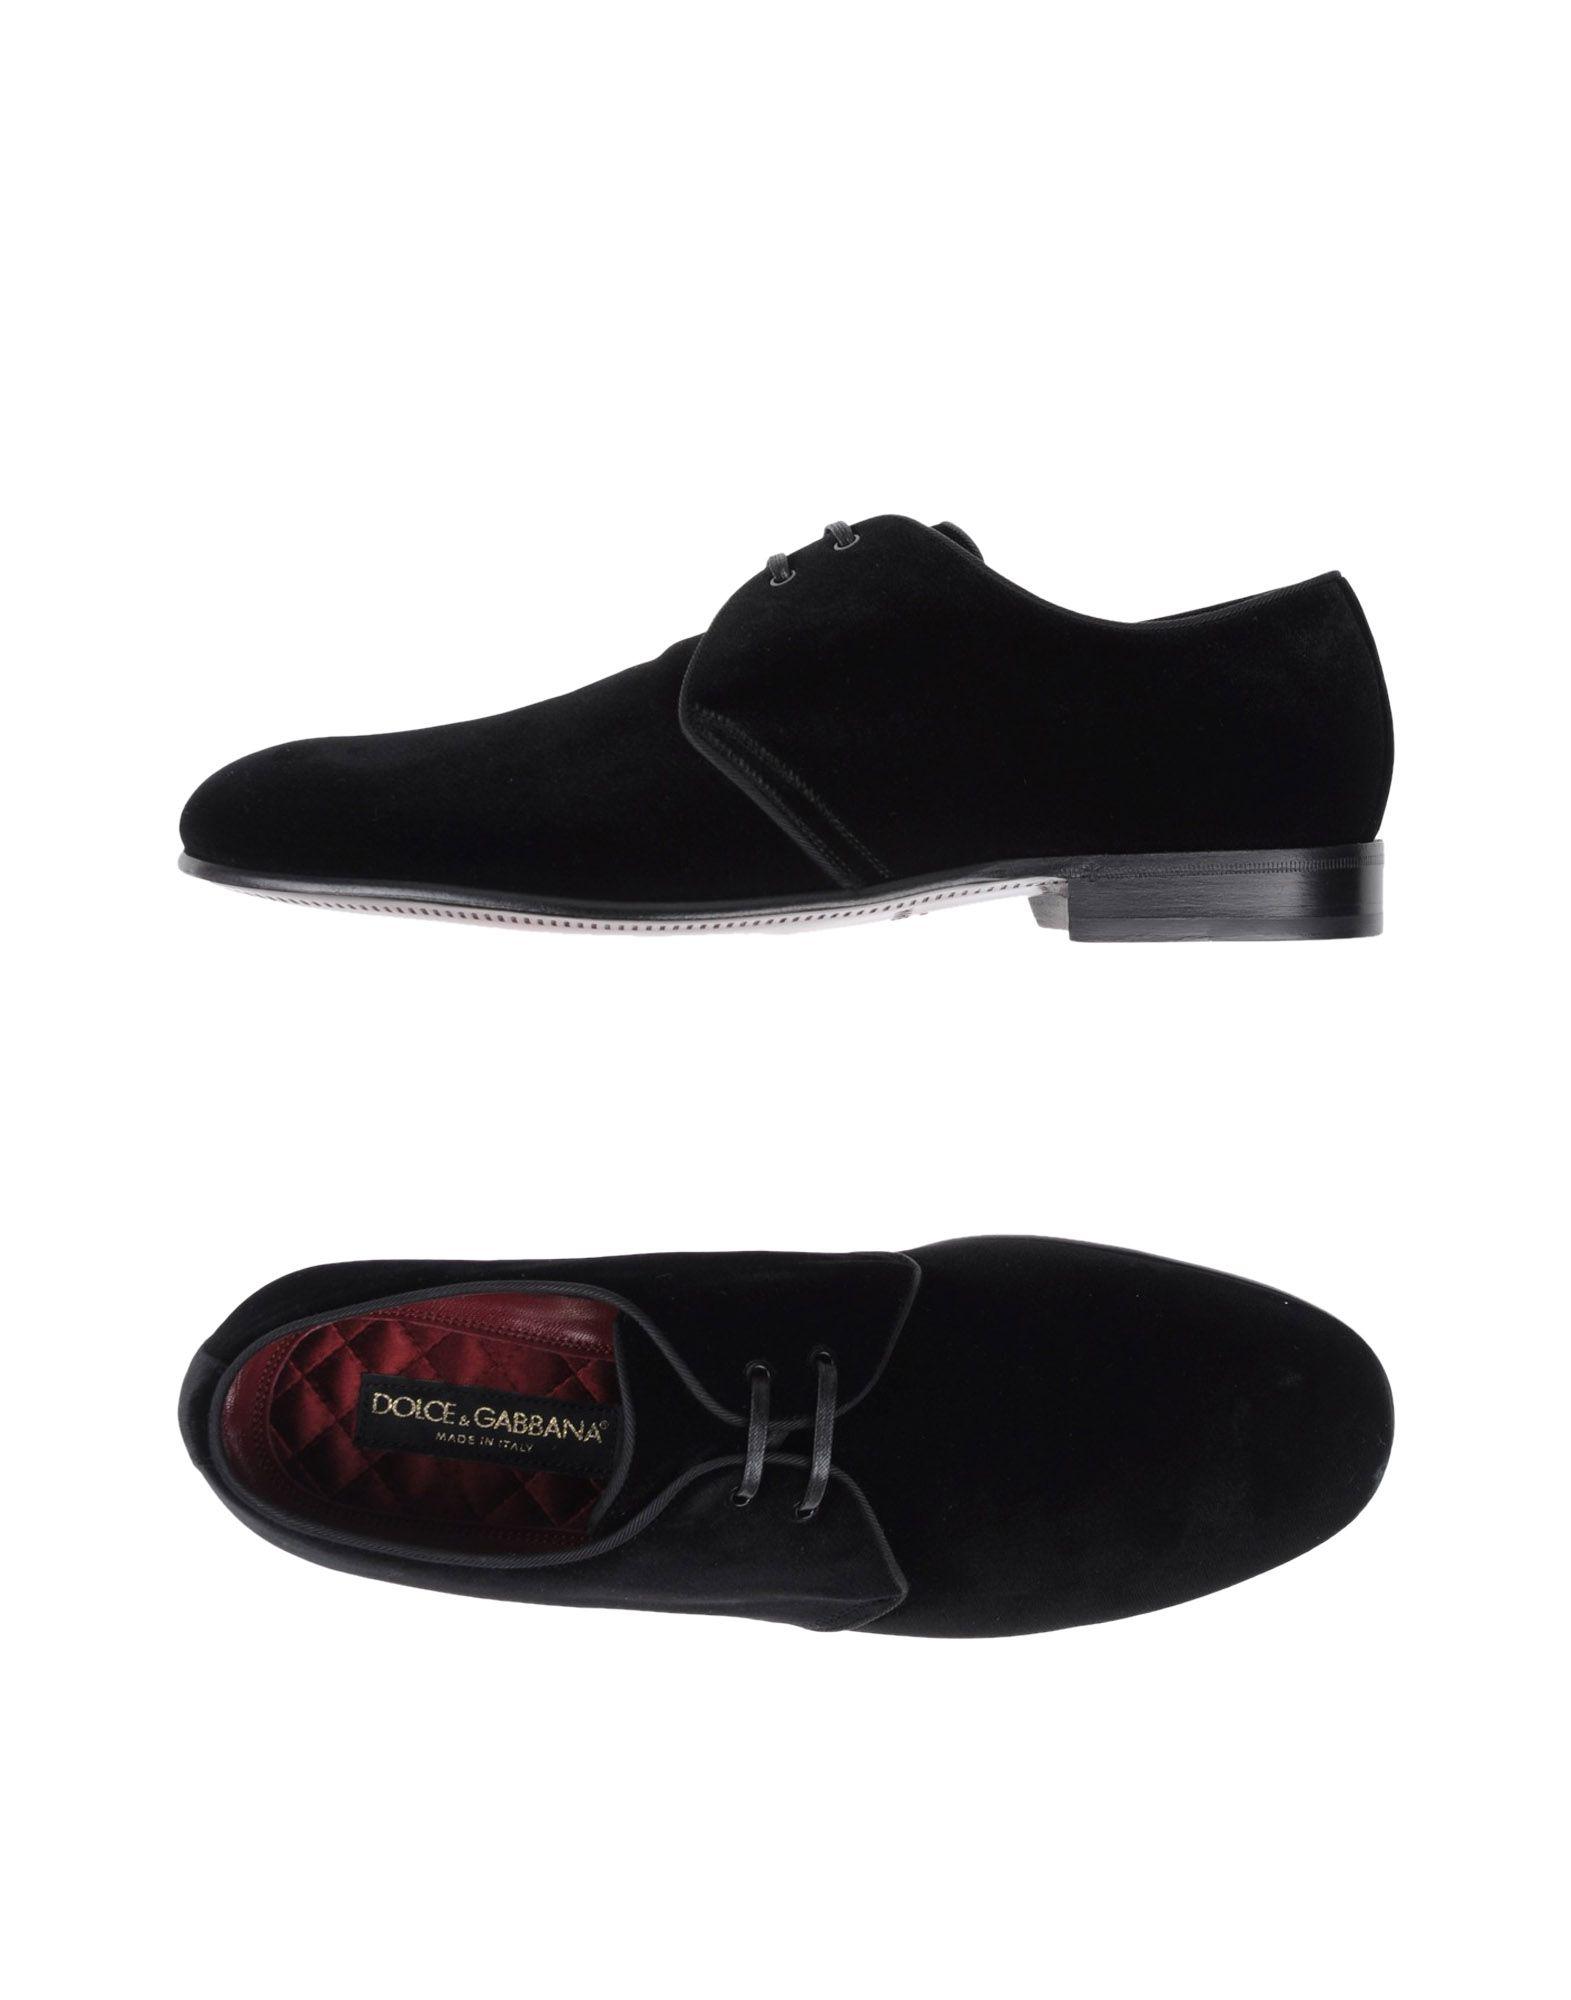 Dolce & Gabbana Schnürschuhe Herren  11021977BL Gute Qualität beliebte Schuhe